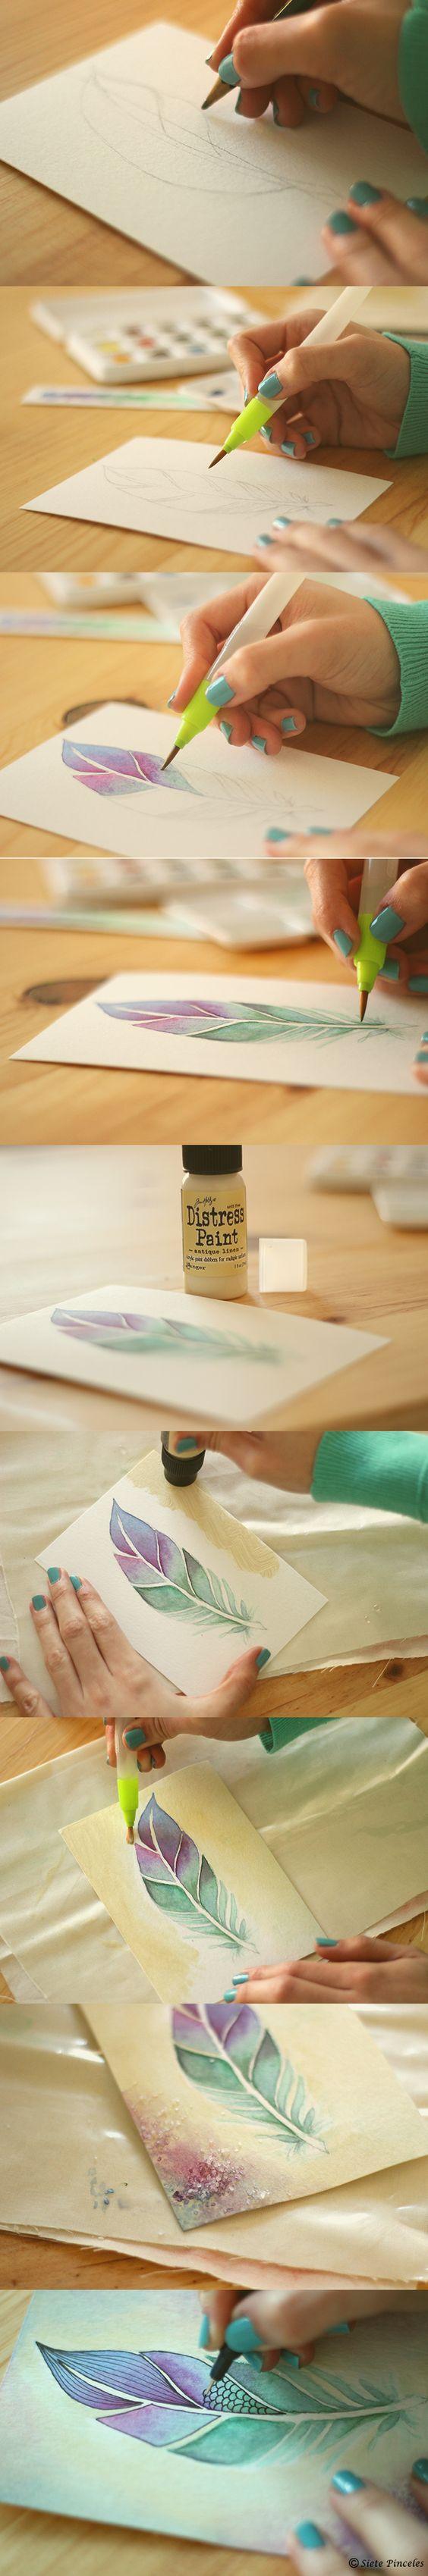 diy ideas para pintar con acuarela